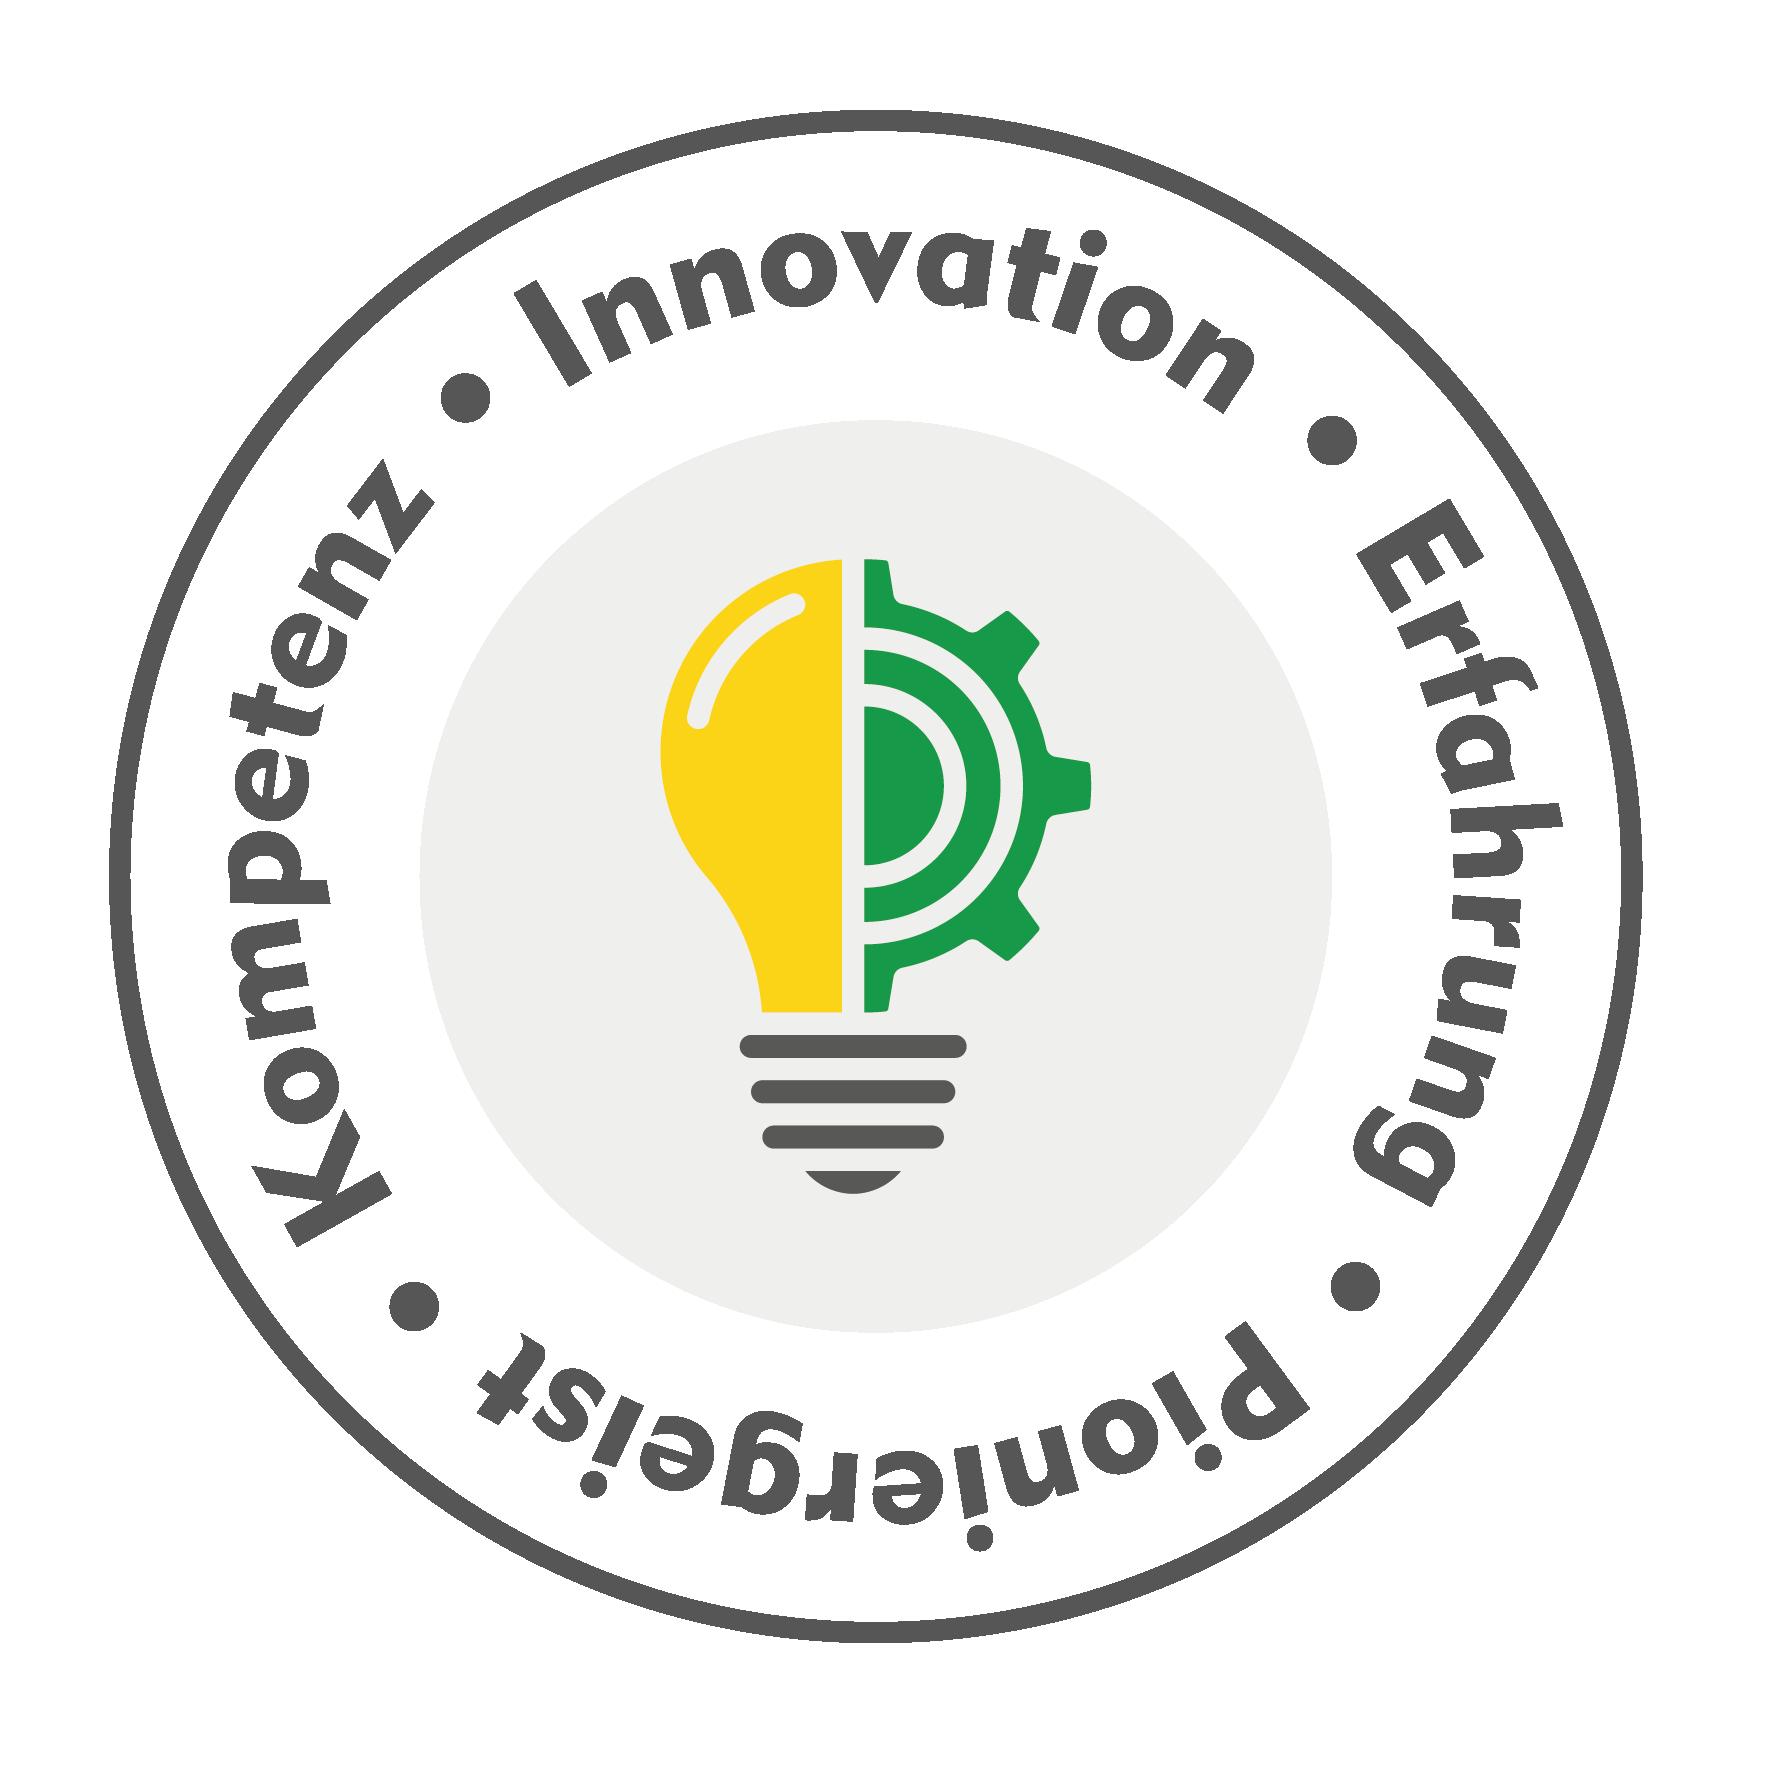 30 Jahre Sandmaster, Innovation - Erfahrung - Pioniergeist - Kompetenz